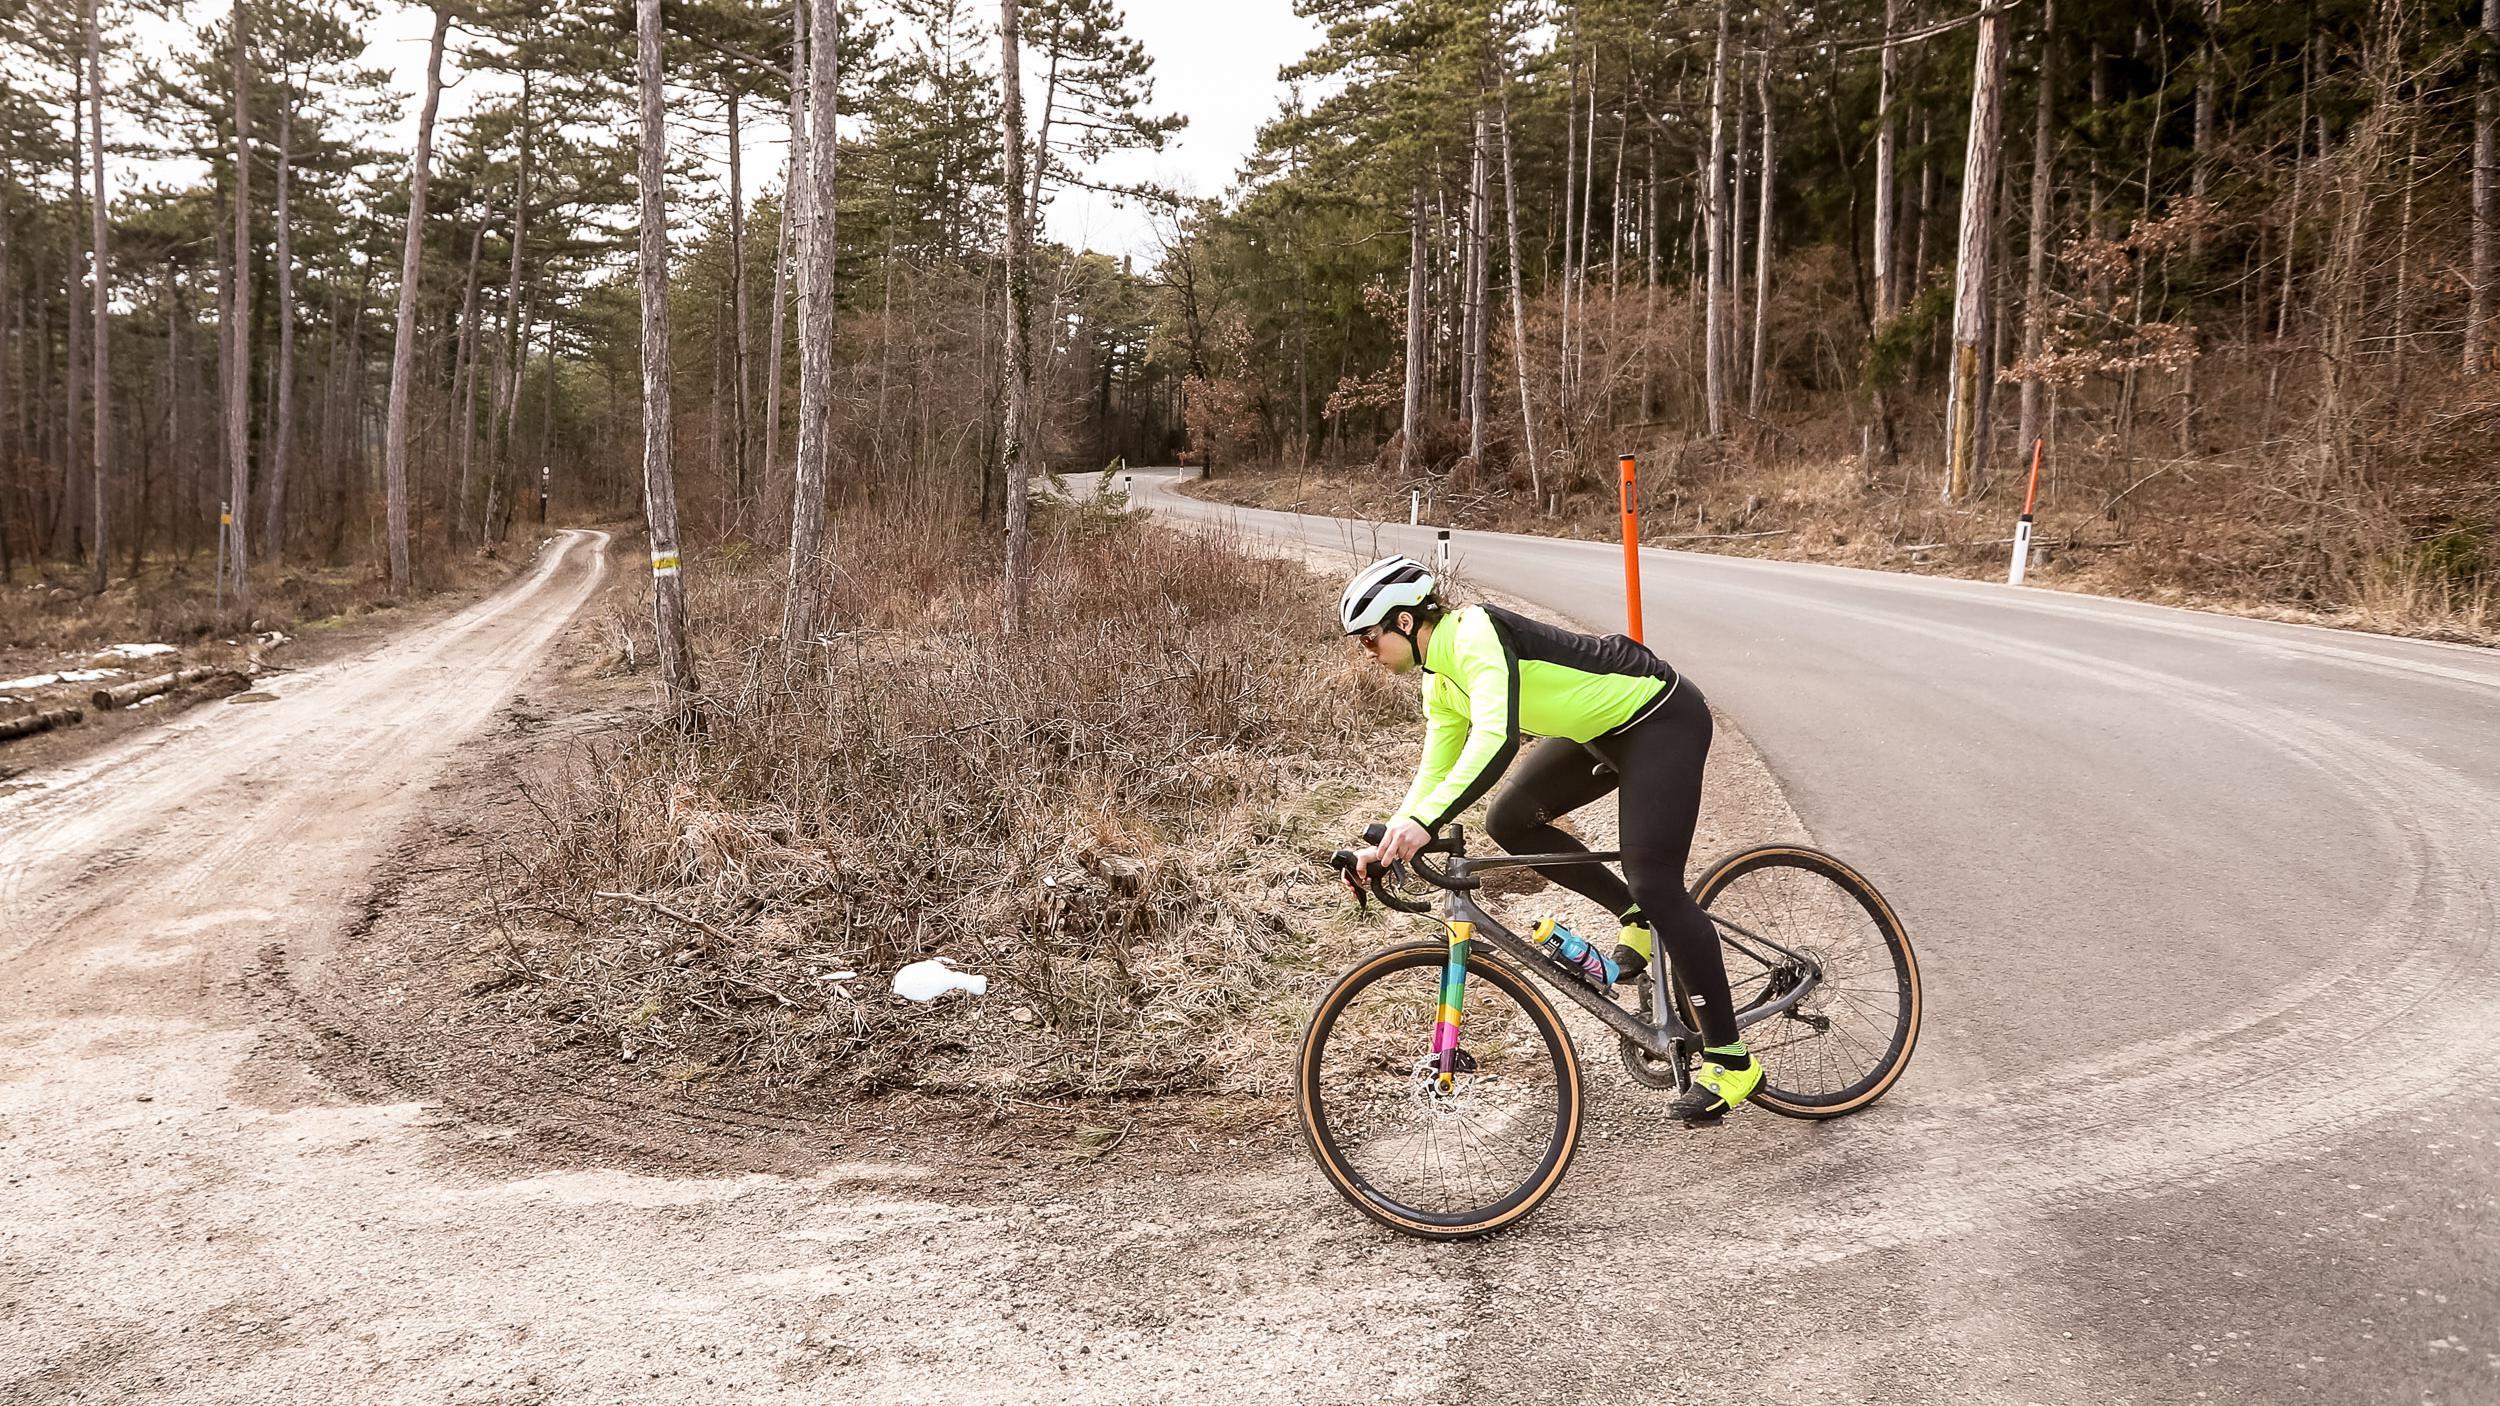 Bergamont Endurance Elite Gravel Granfondo